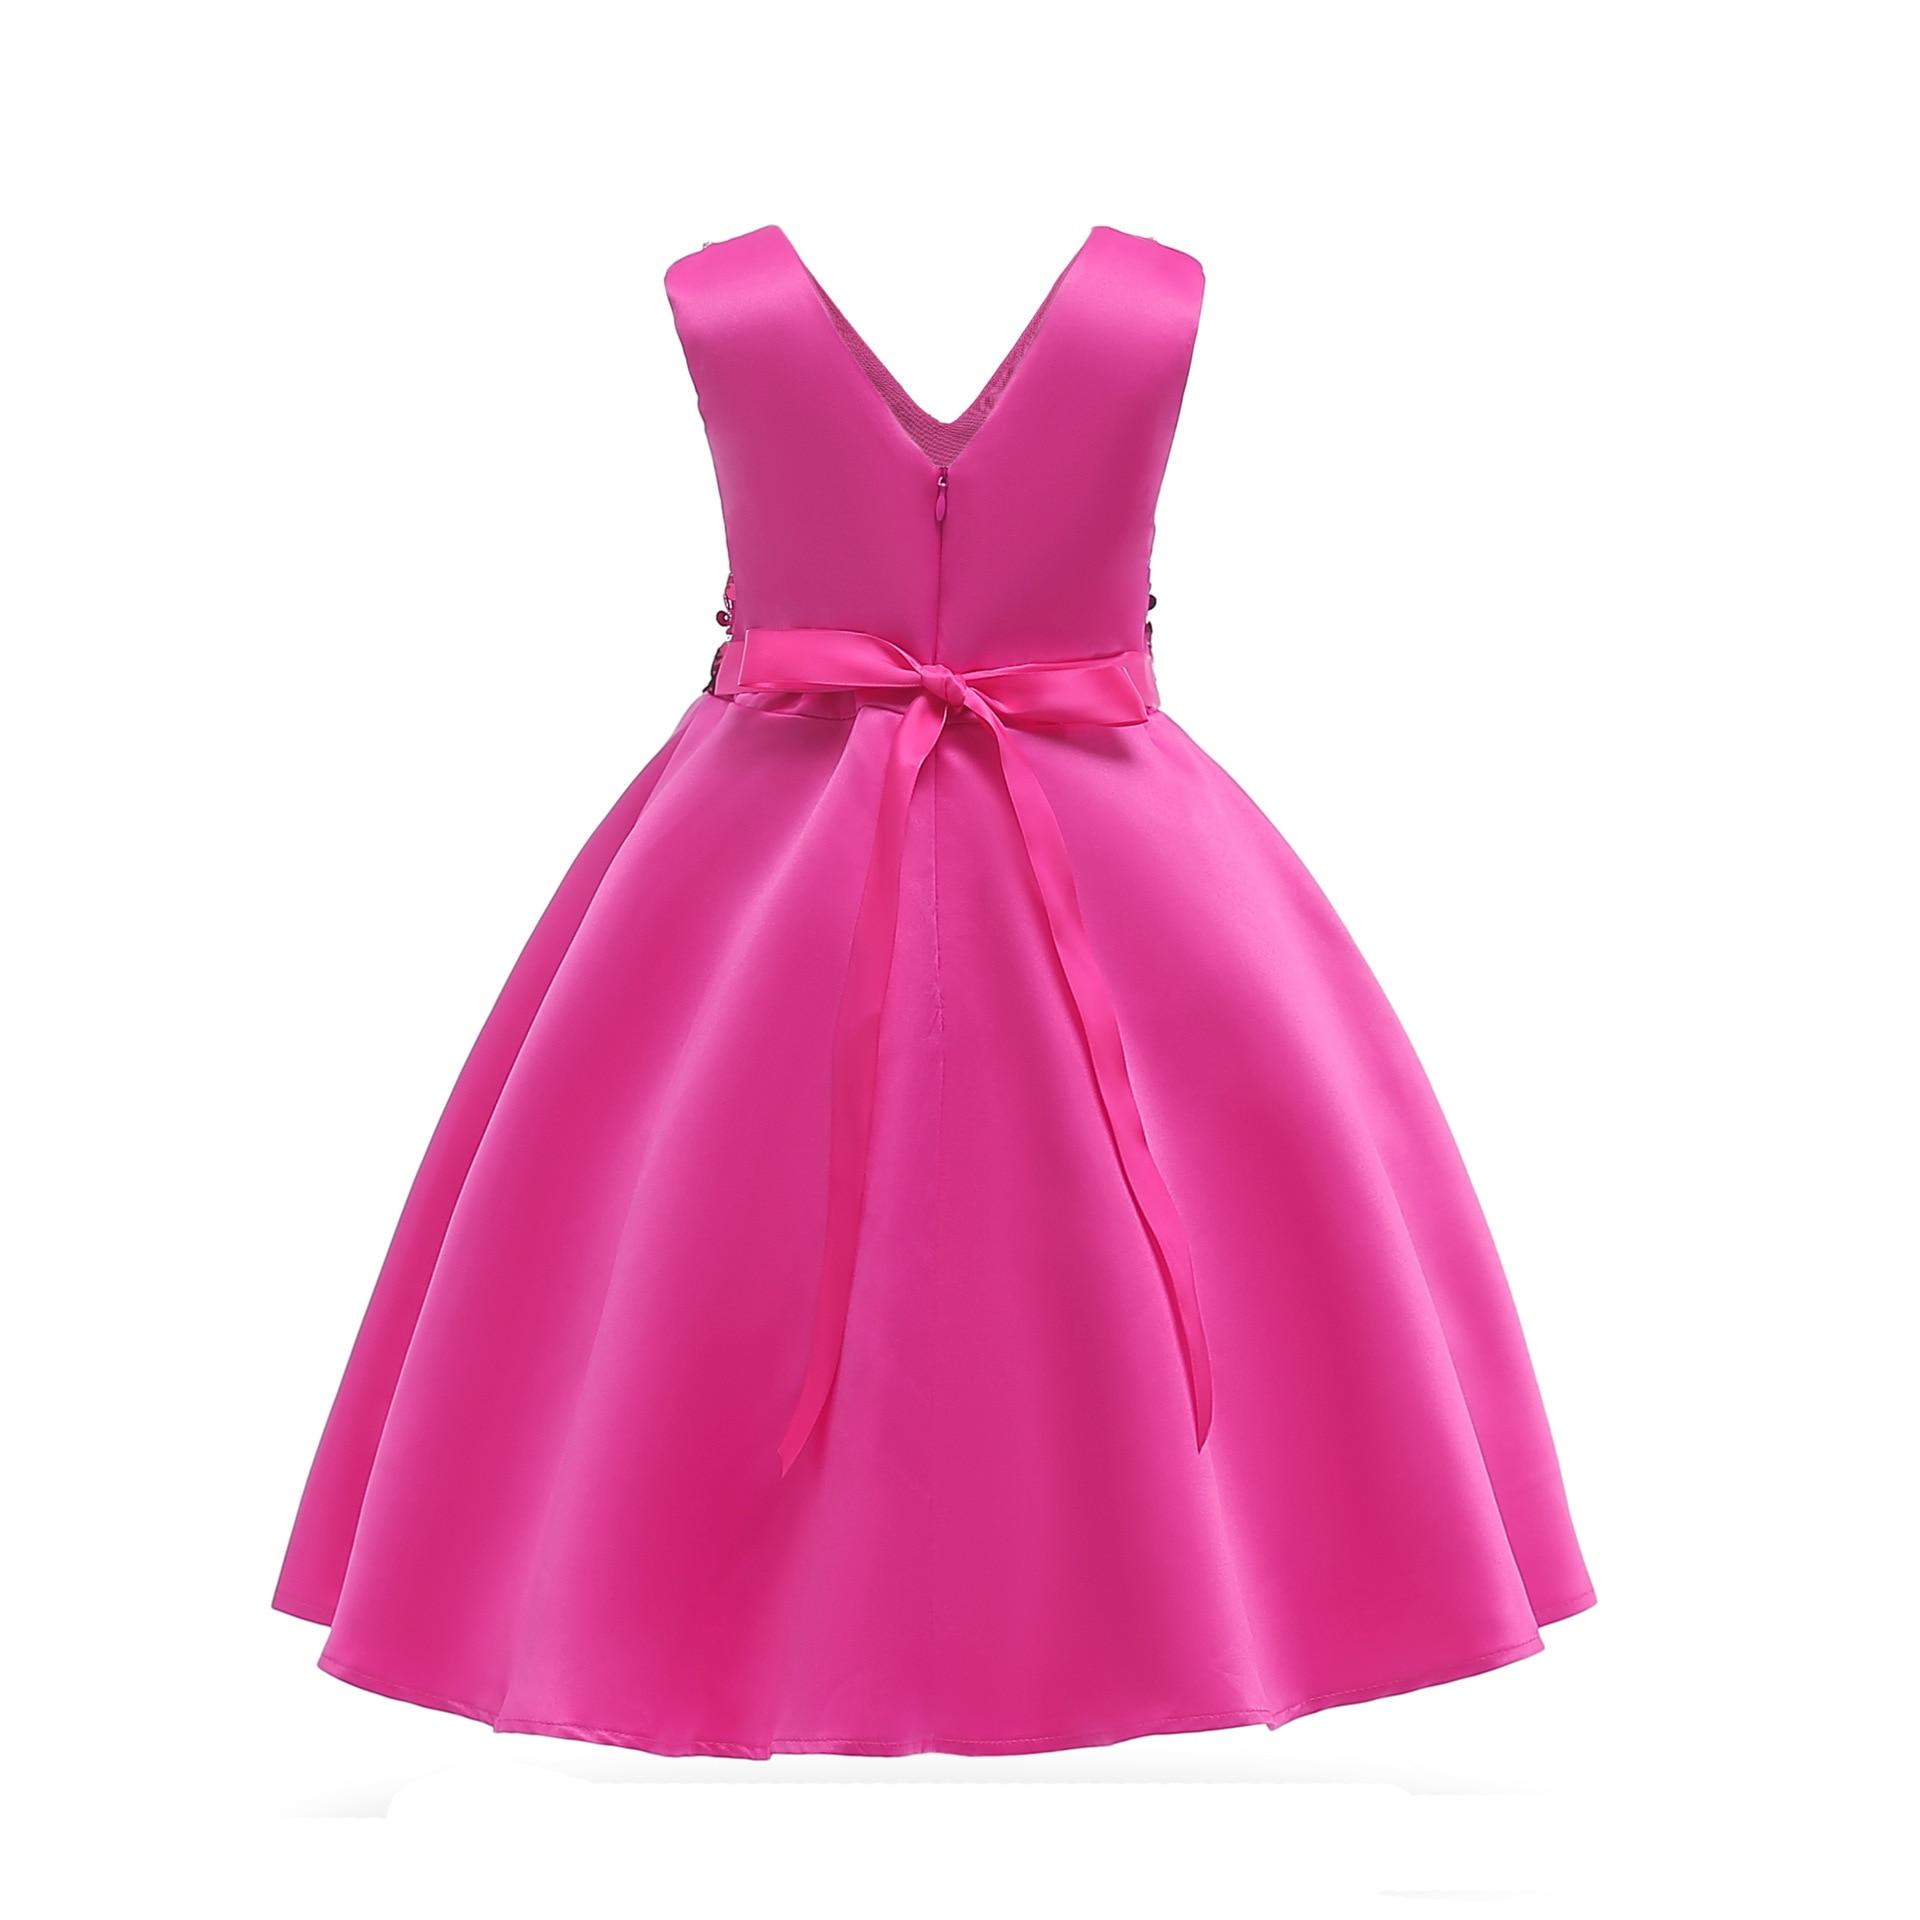 Hibyhoby 2018 nieuwe Boog Baljurk Mouwloze Pailletten jurk Meisjes - Kinderkleding - Foto 5